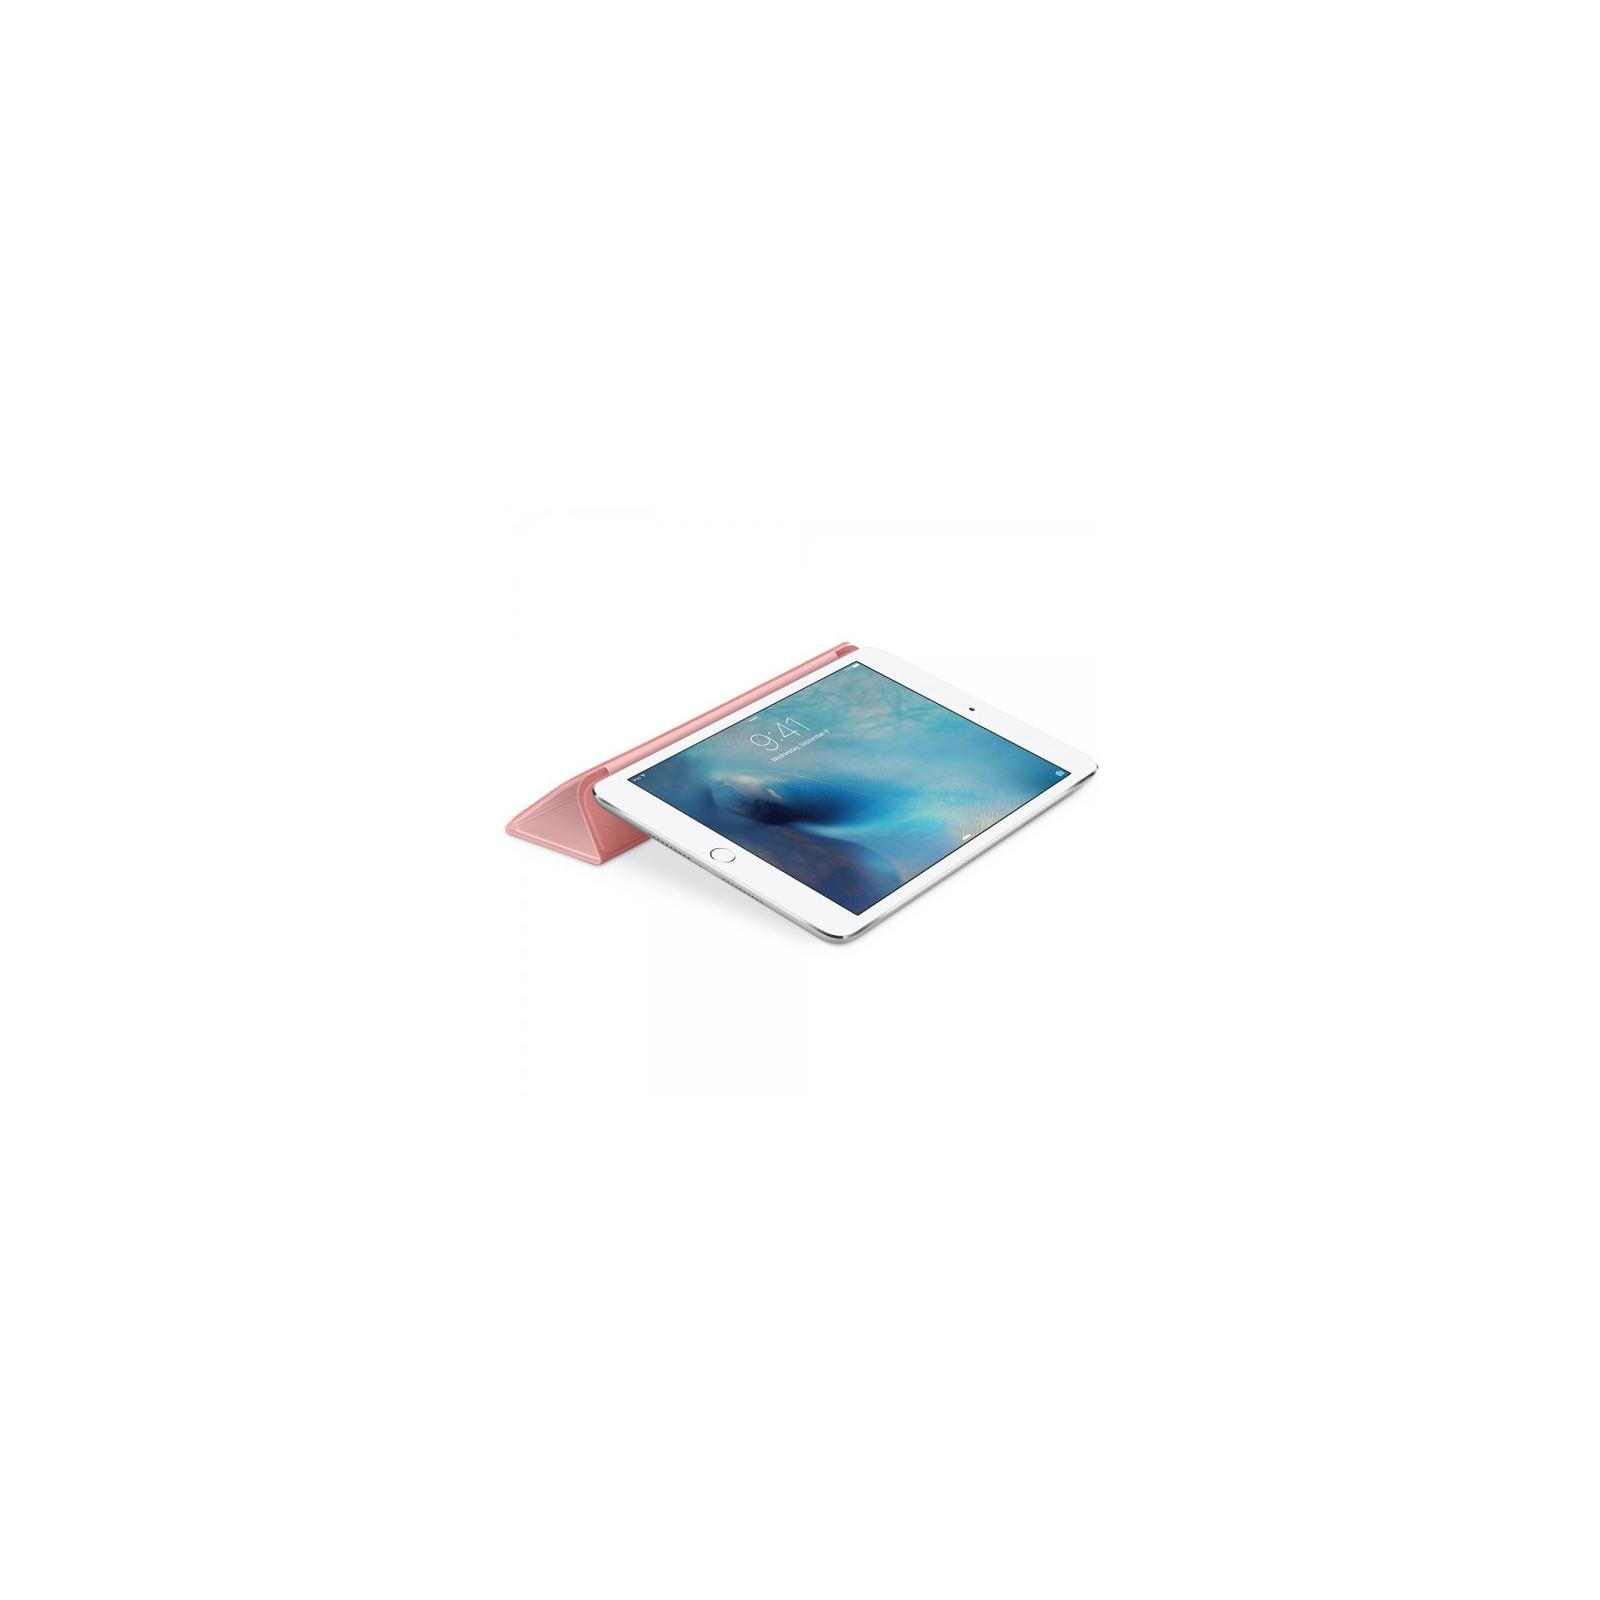 Чехол для планшета Apple Smart Cover для iPad mini 4 Pink (MKM32ZM/A) изображение 4